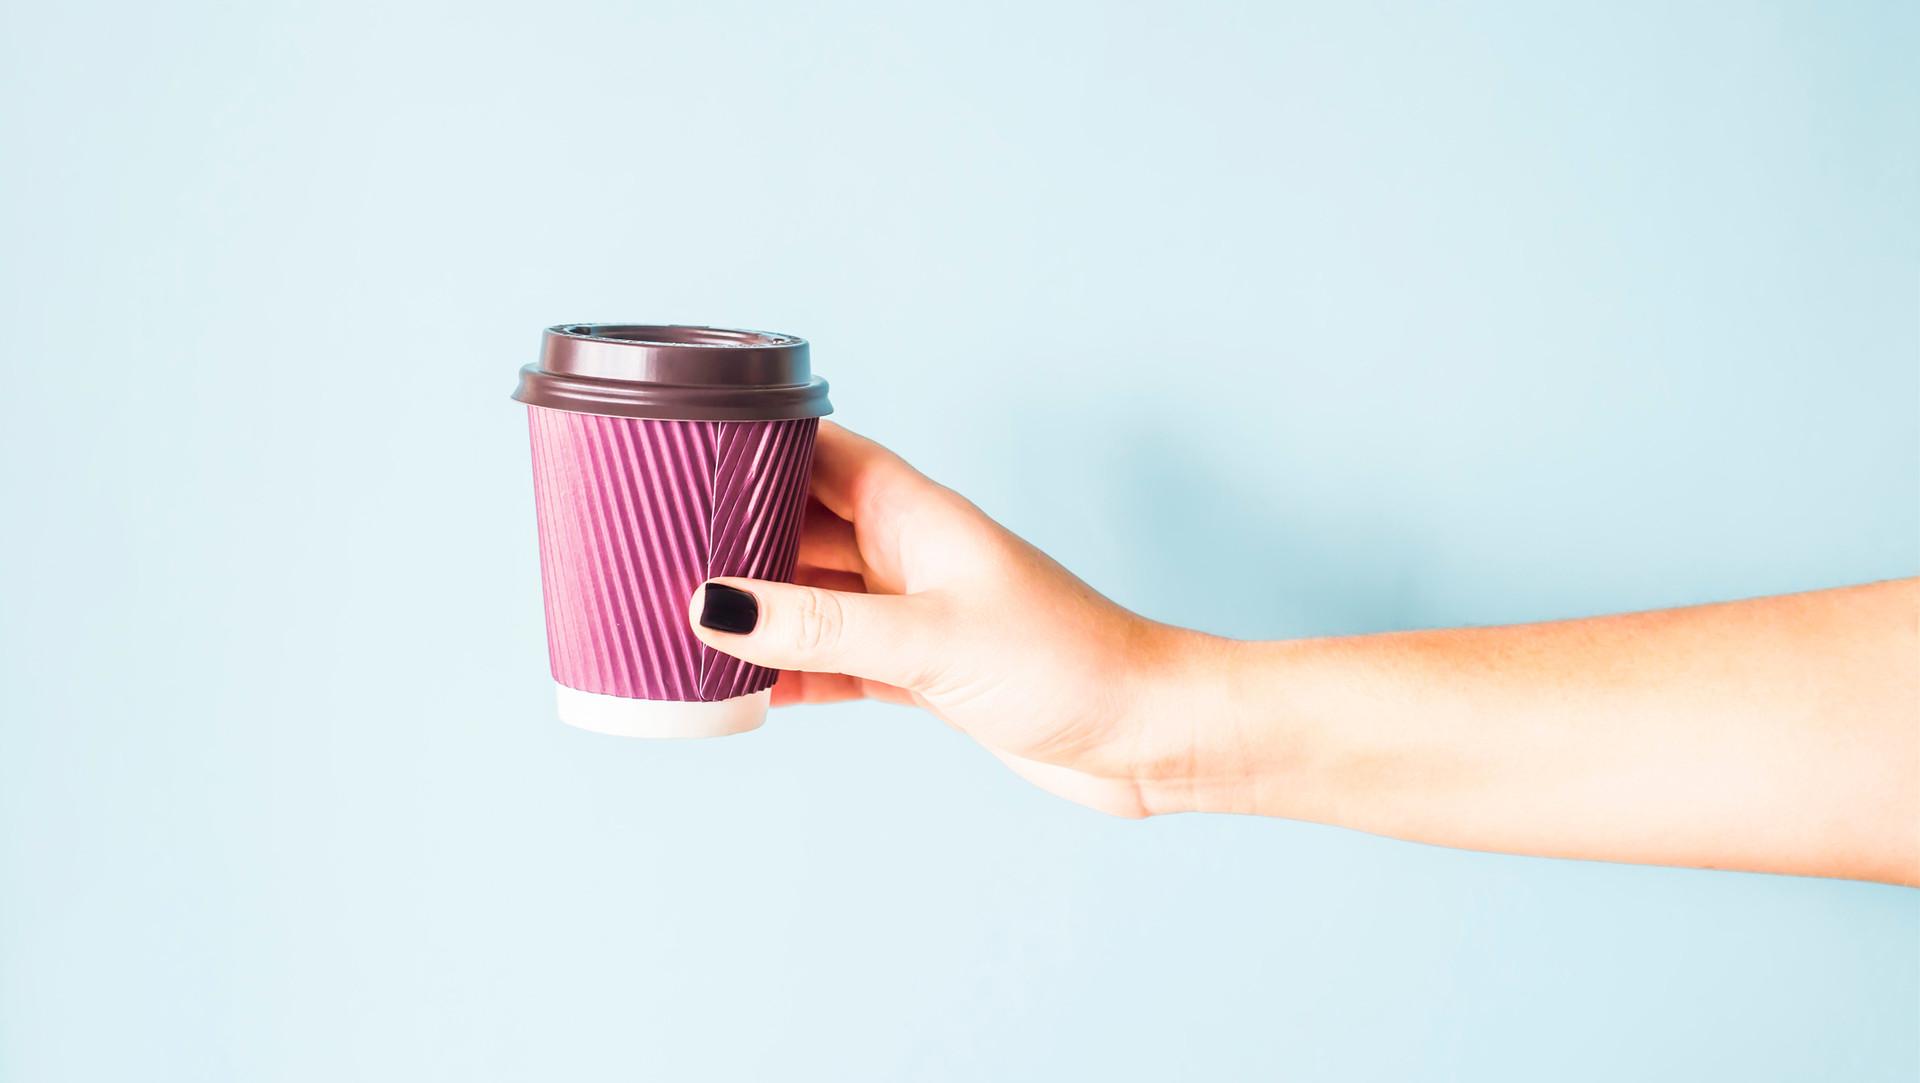 Исследование: кофе меняет структуру мозга человека